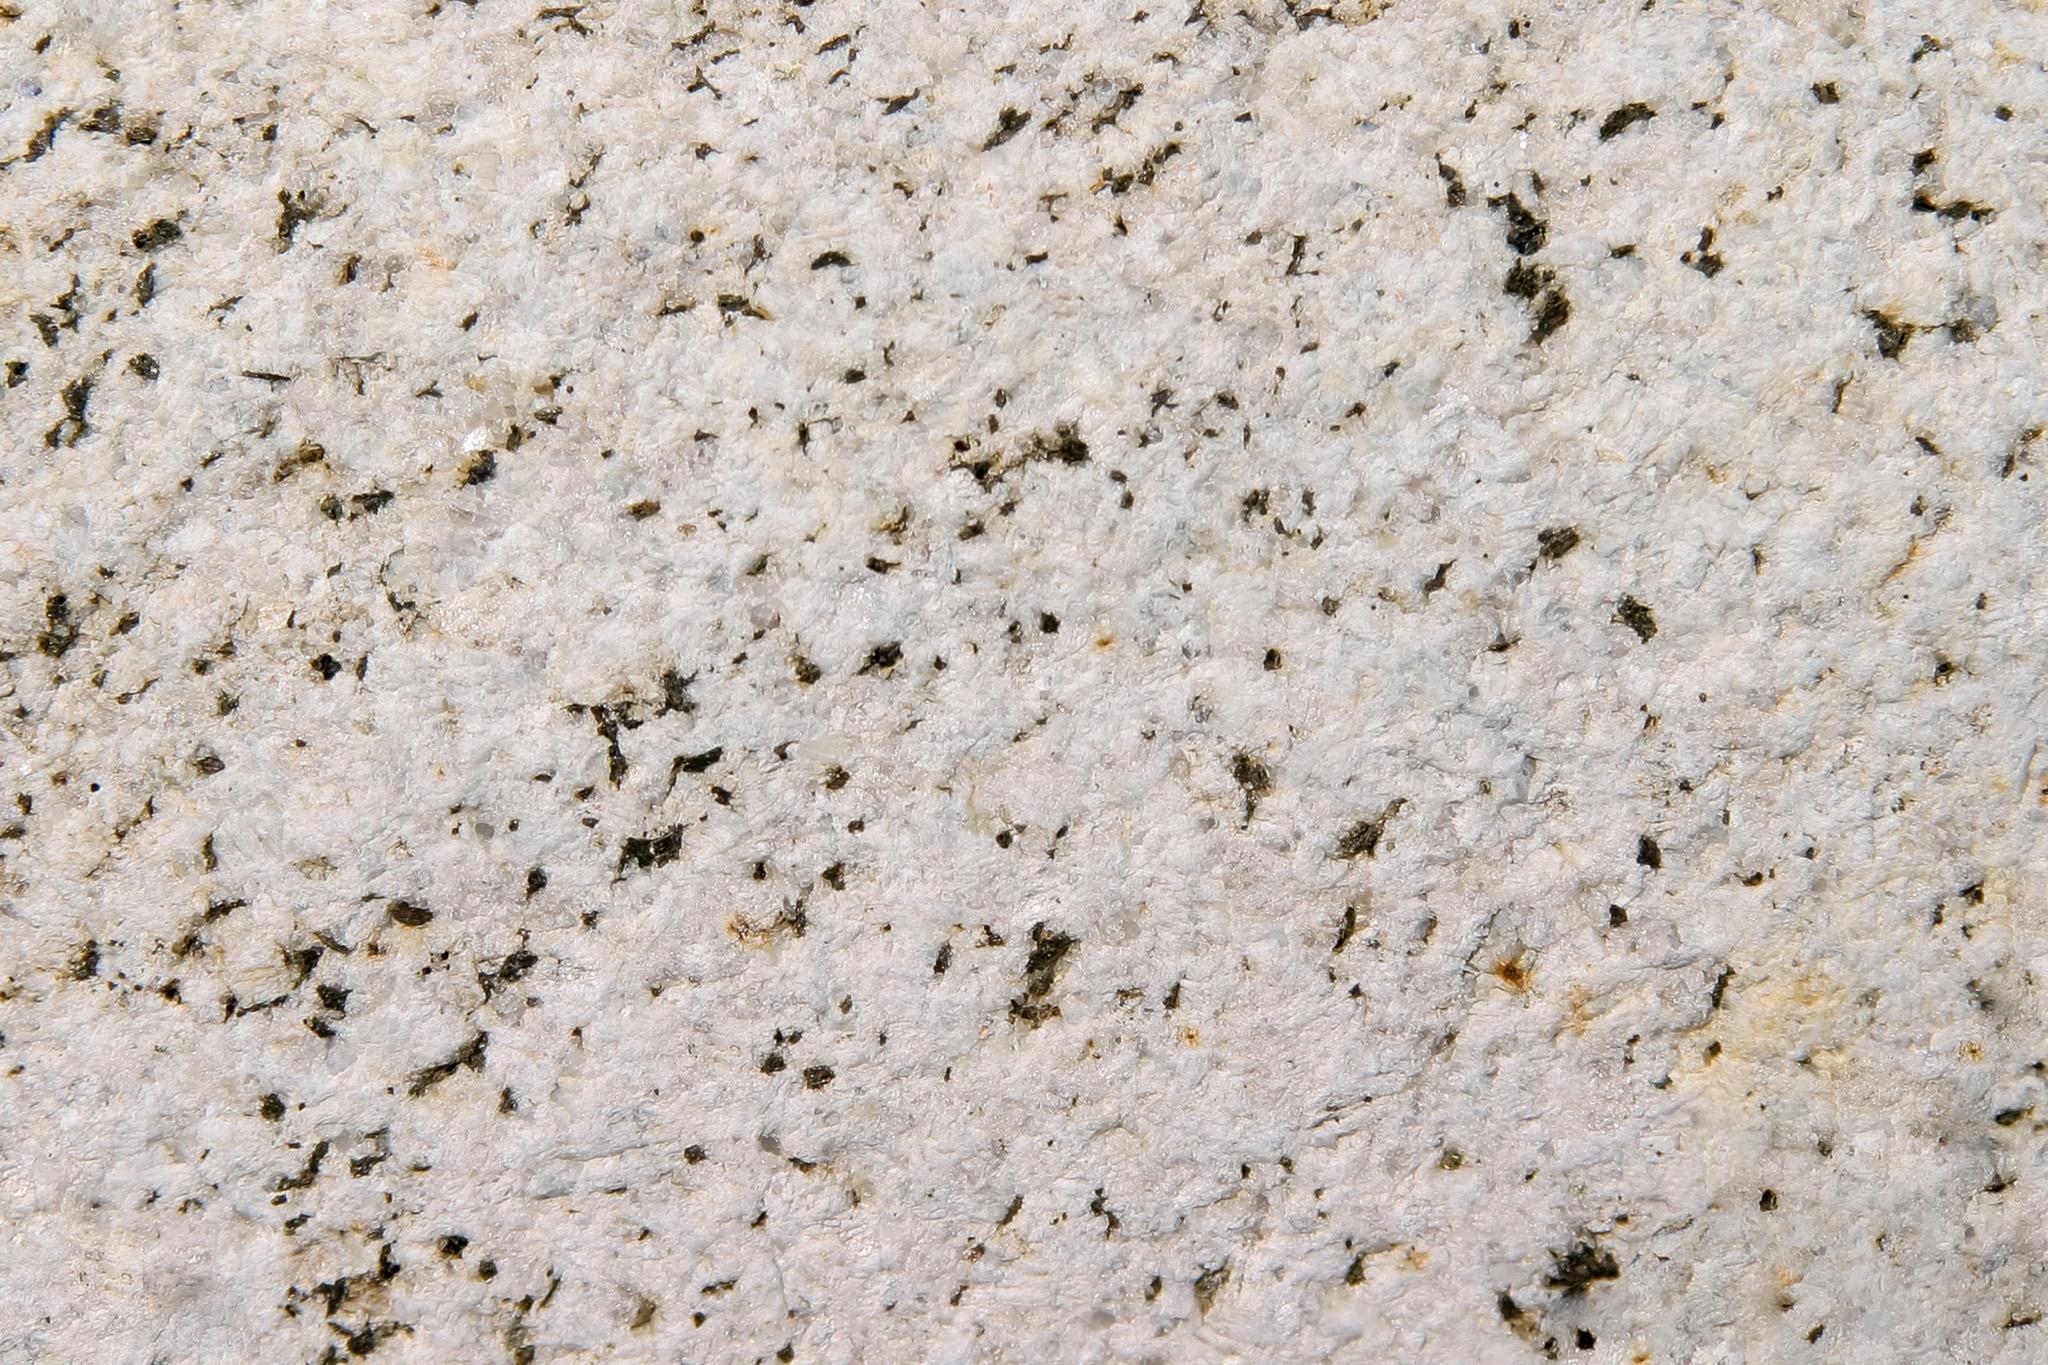 「花崗岩の断面」のテクスチャを無料ダウンロード